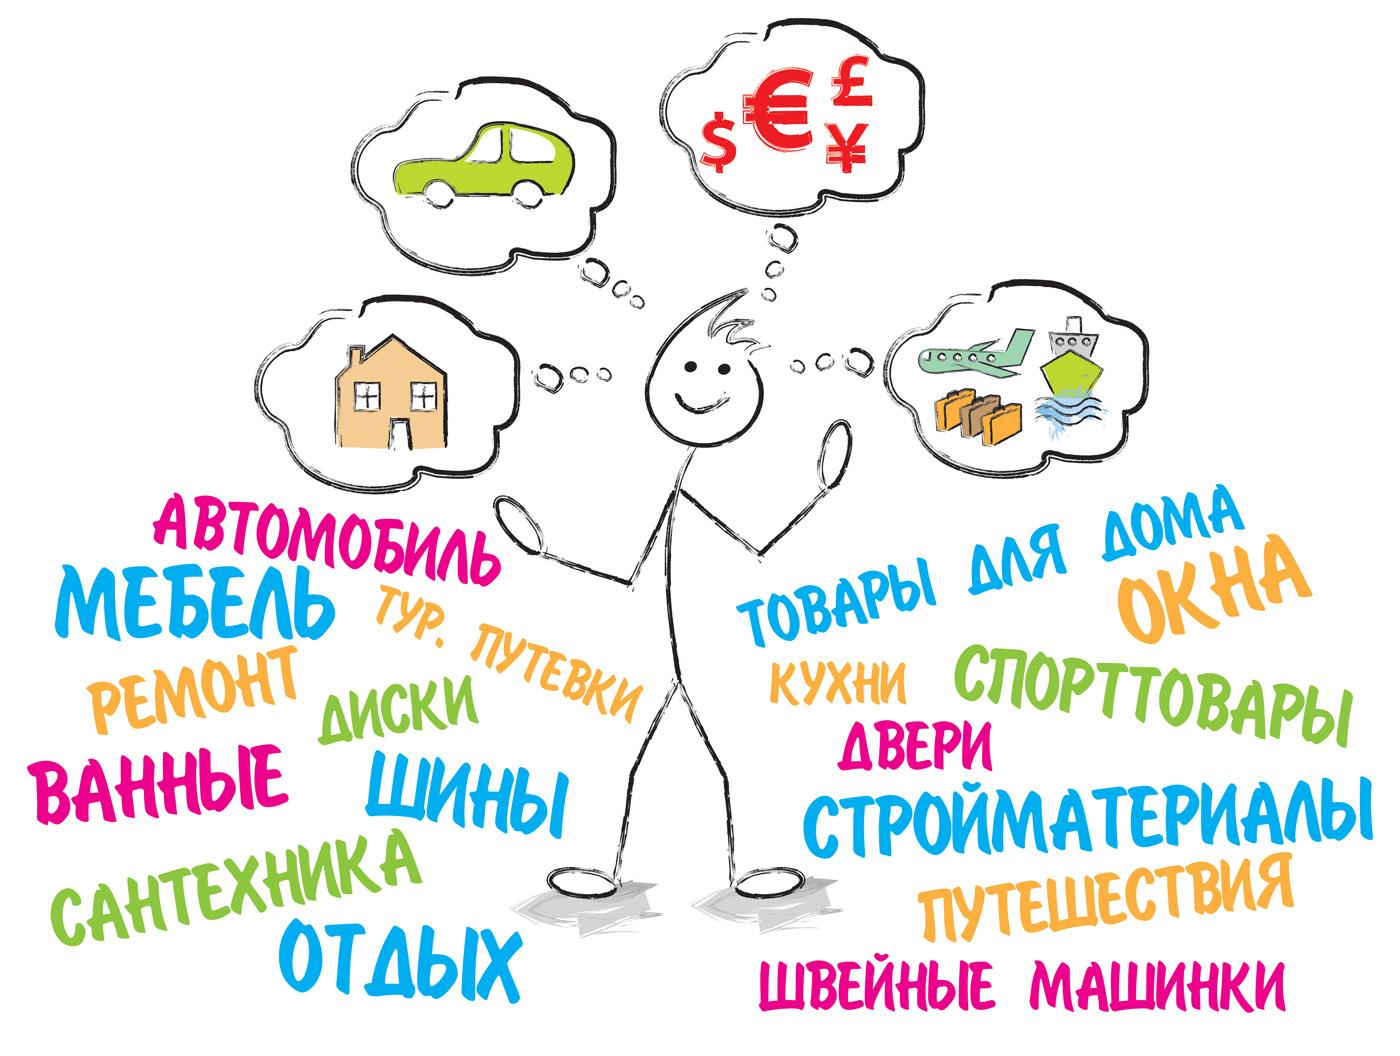 Кредиты банка Открытие для любых целей